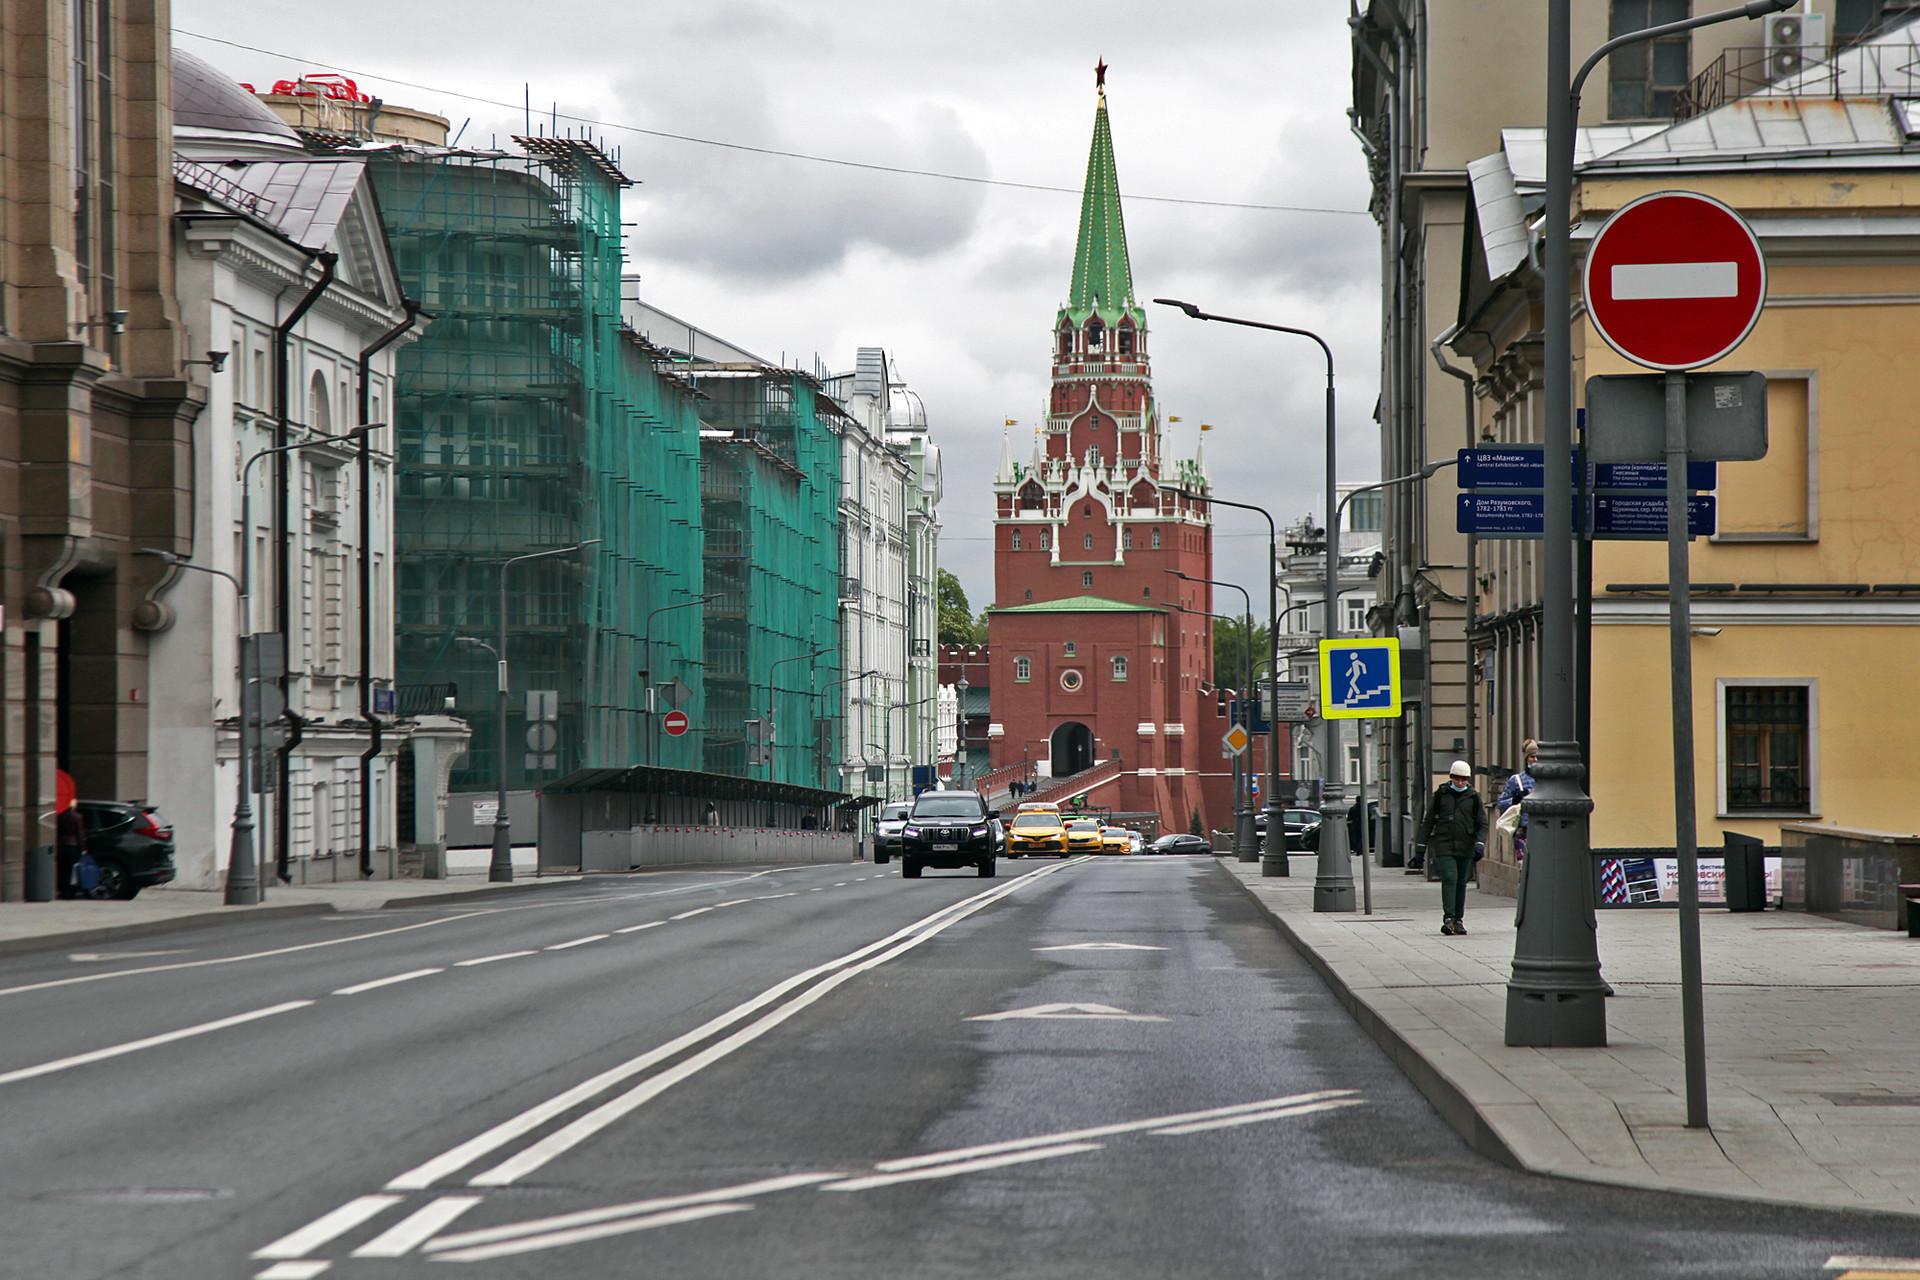 Suasana lalu lintas di Vozdvizhenkaya Ulitsa yang sepi dari kendaraan.